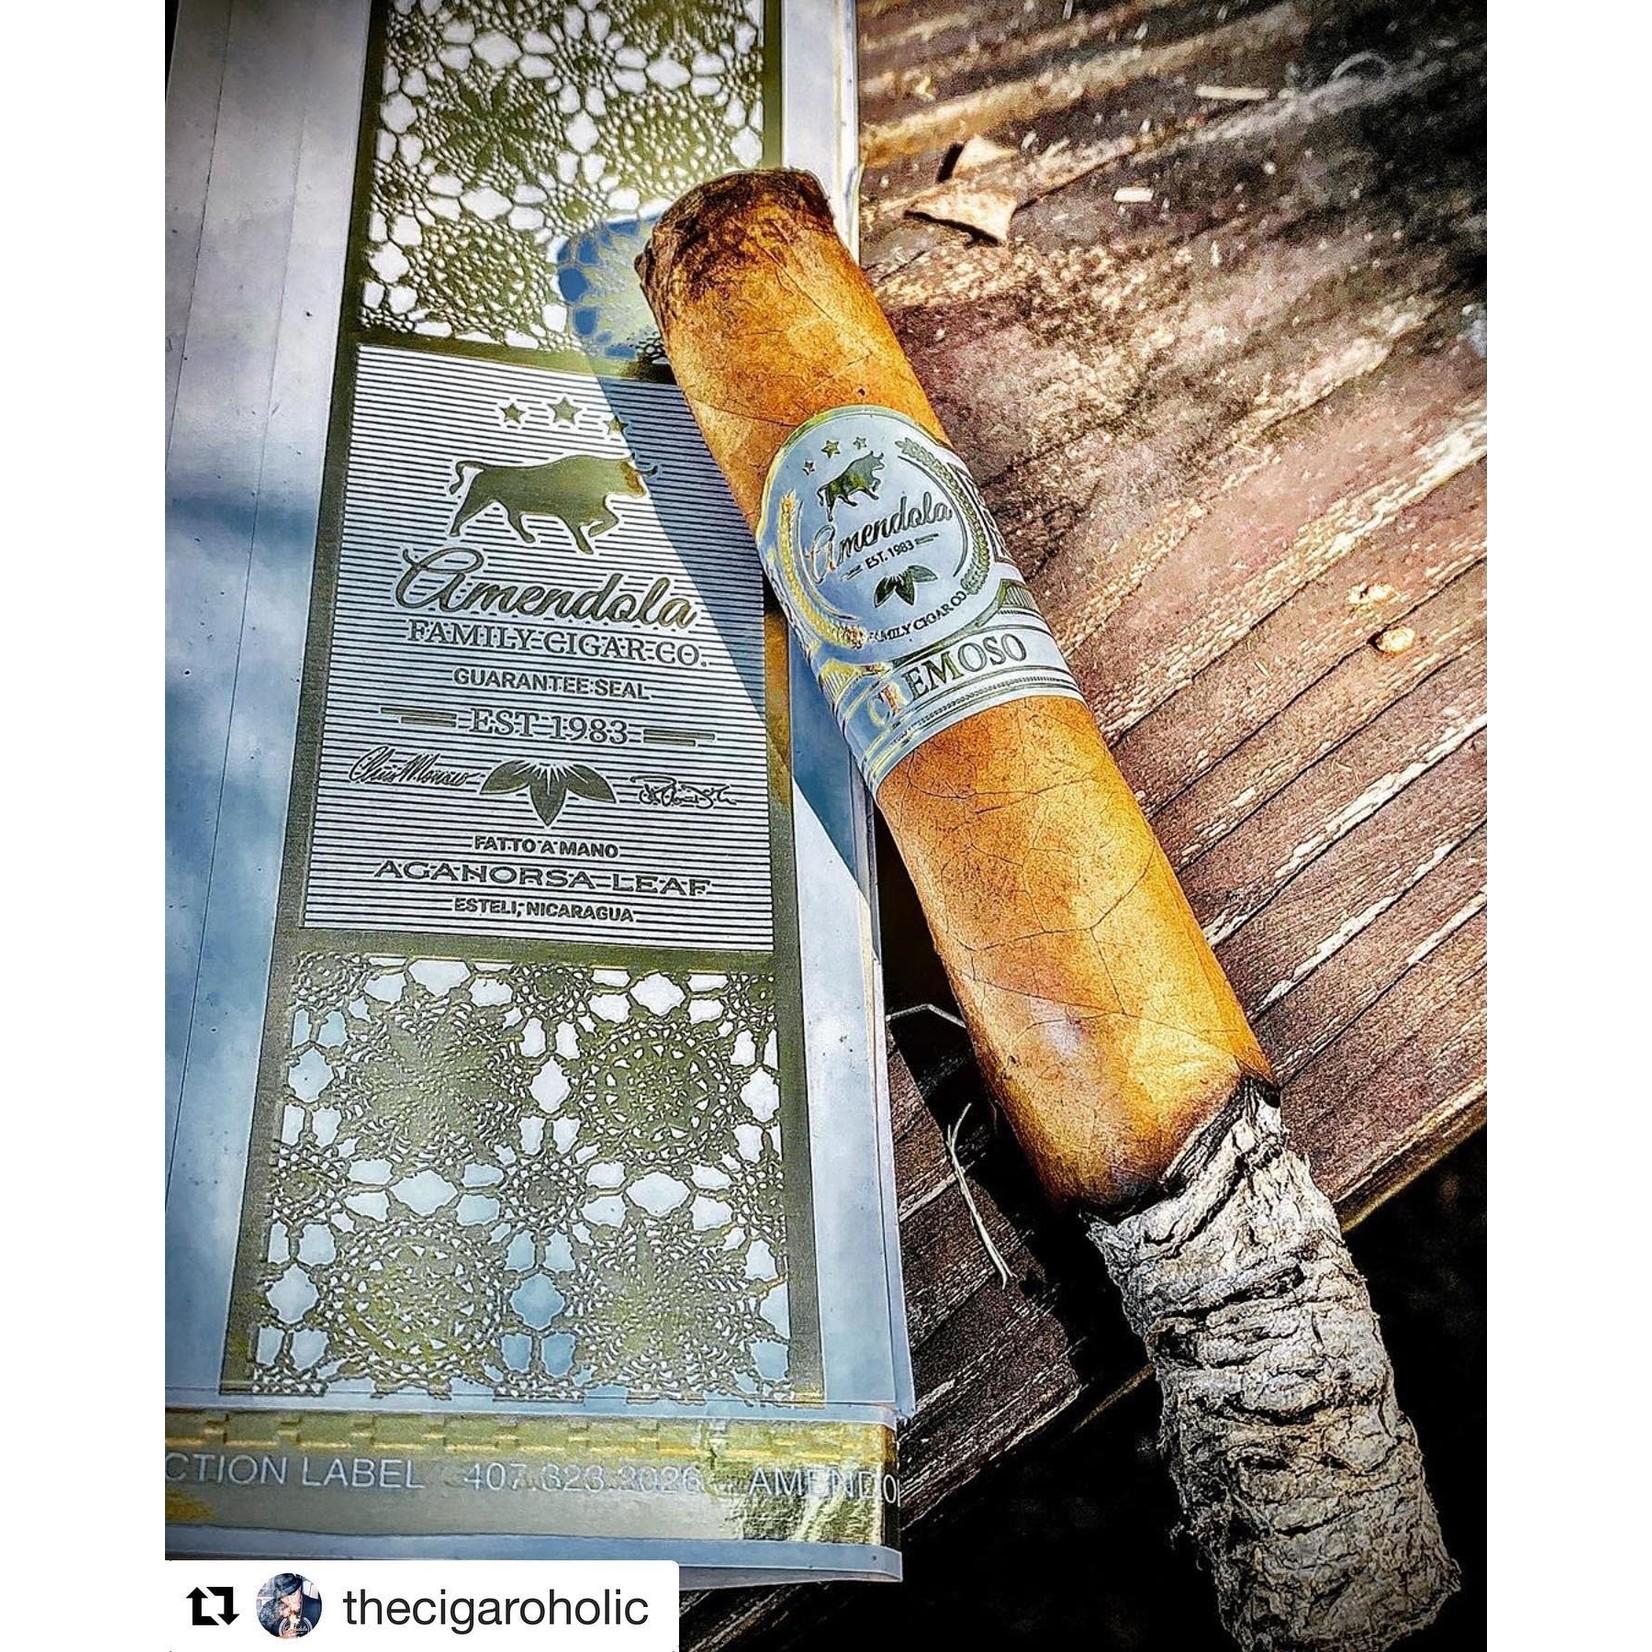 Amendola Family Cigars Cremoso